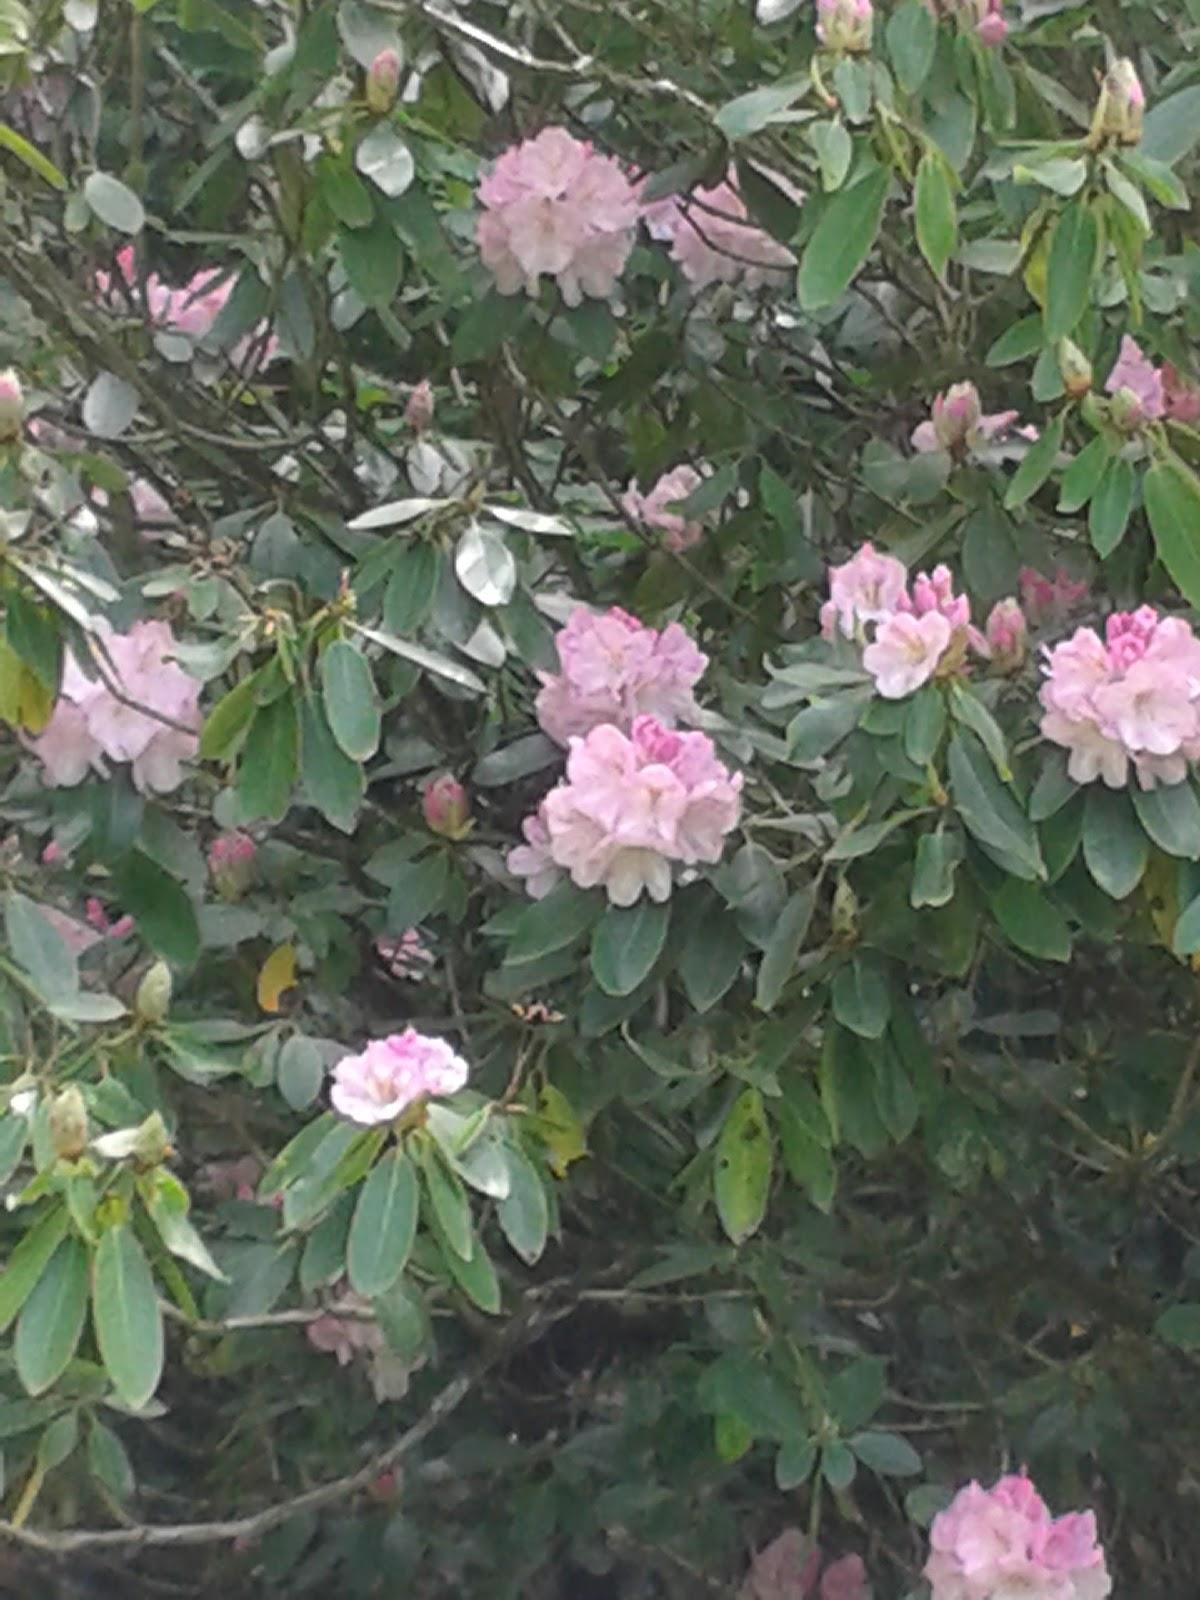 National Trust Dyffryn Gardens - May 2015